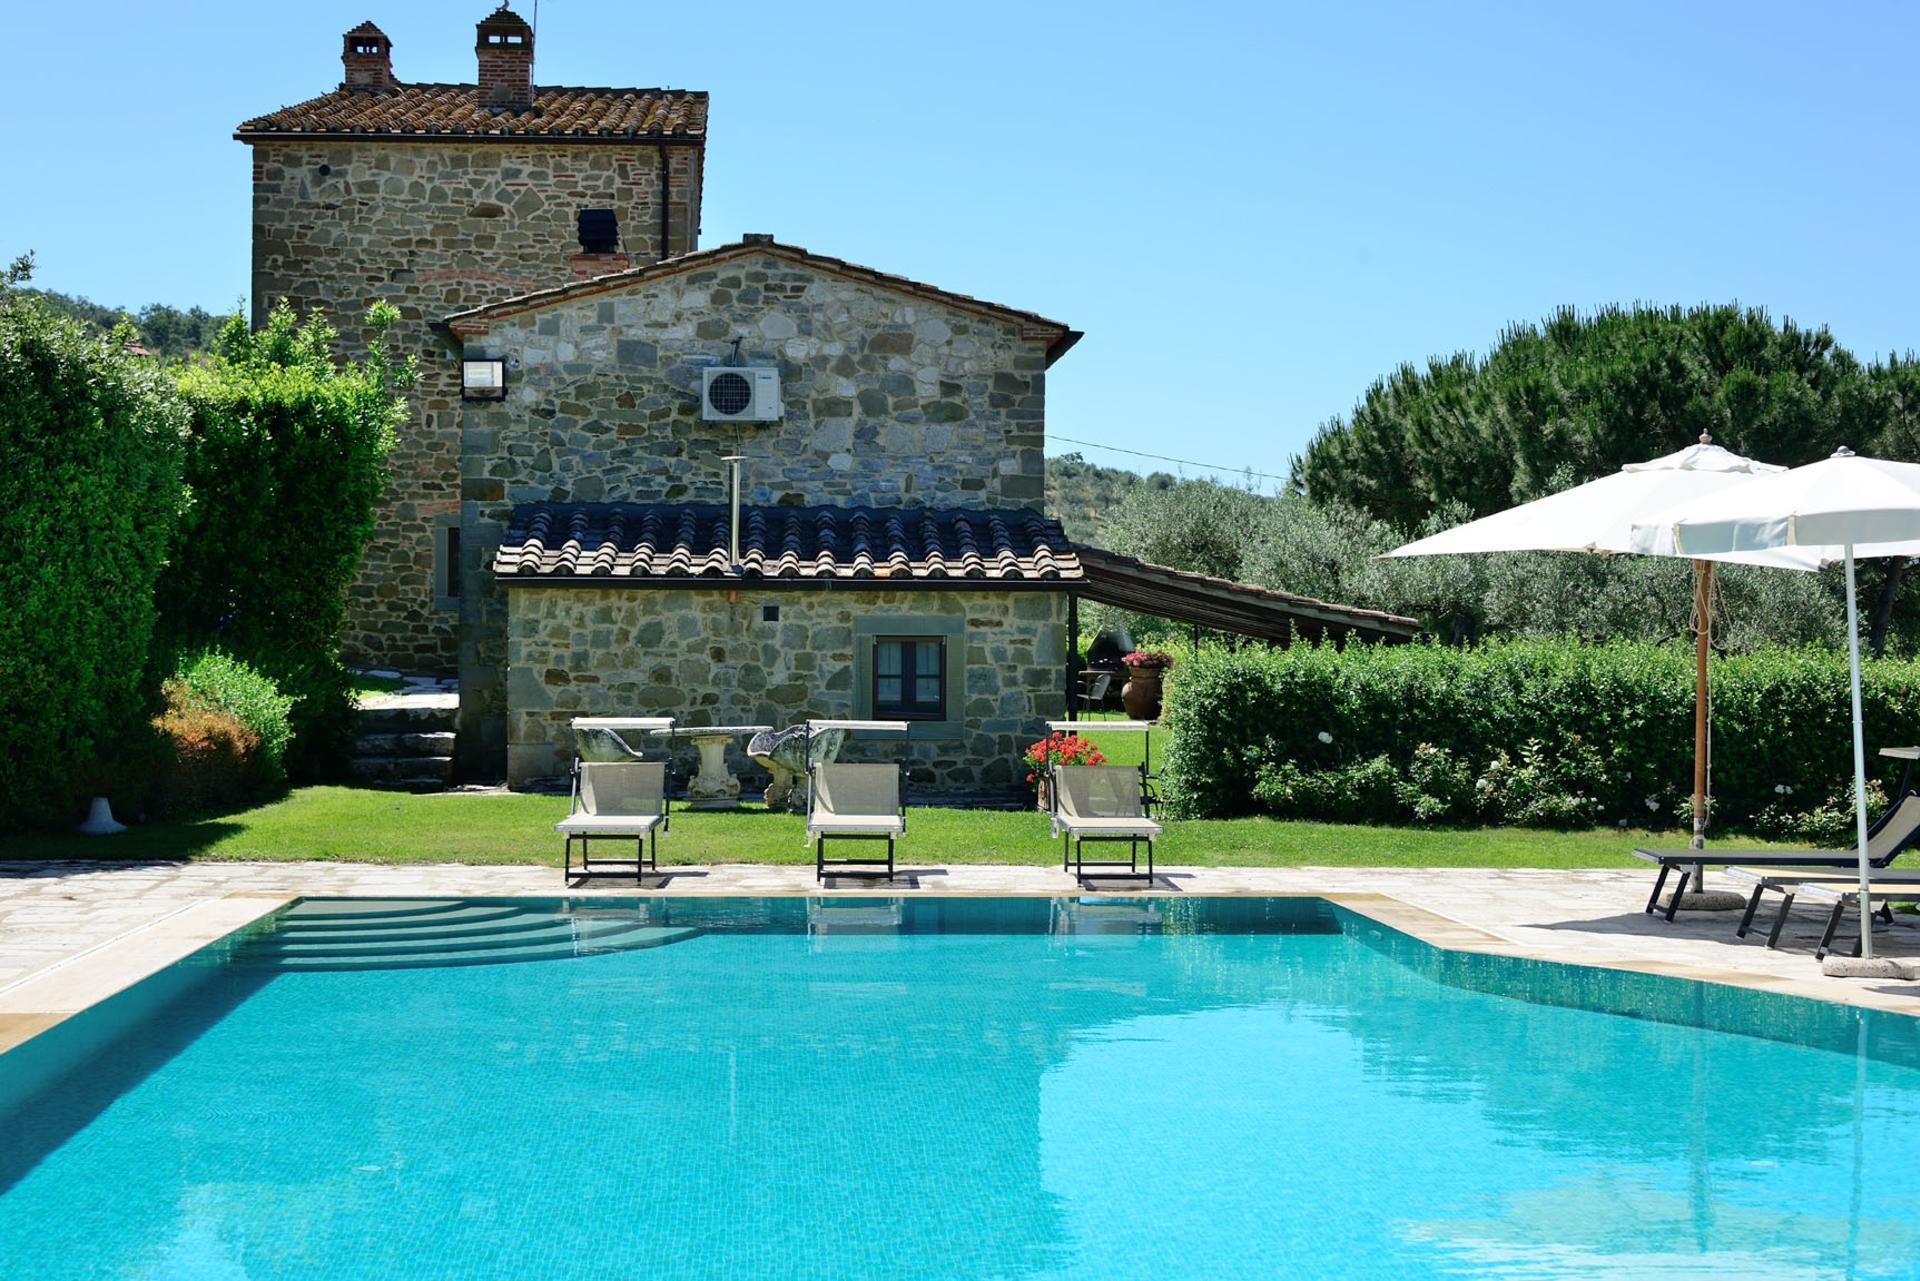 Outdoor Pool 2, Giulietta, Tuoro sul Trasimeno, Umbria.